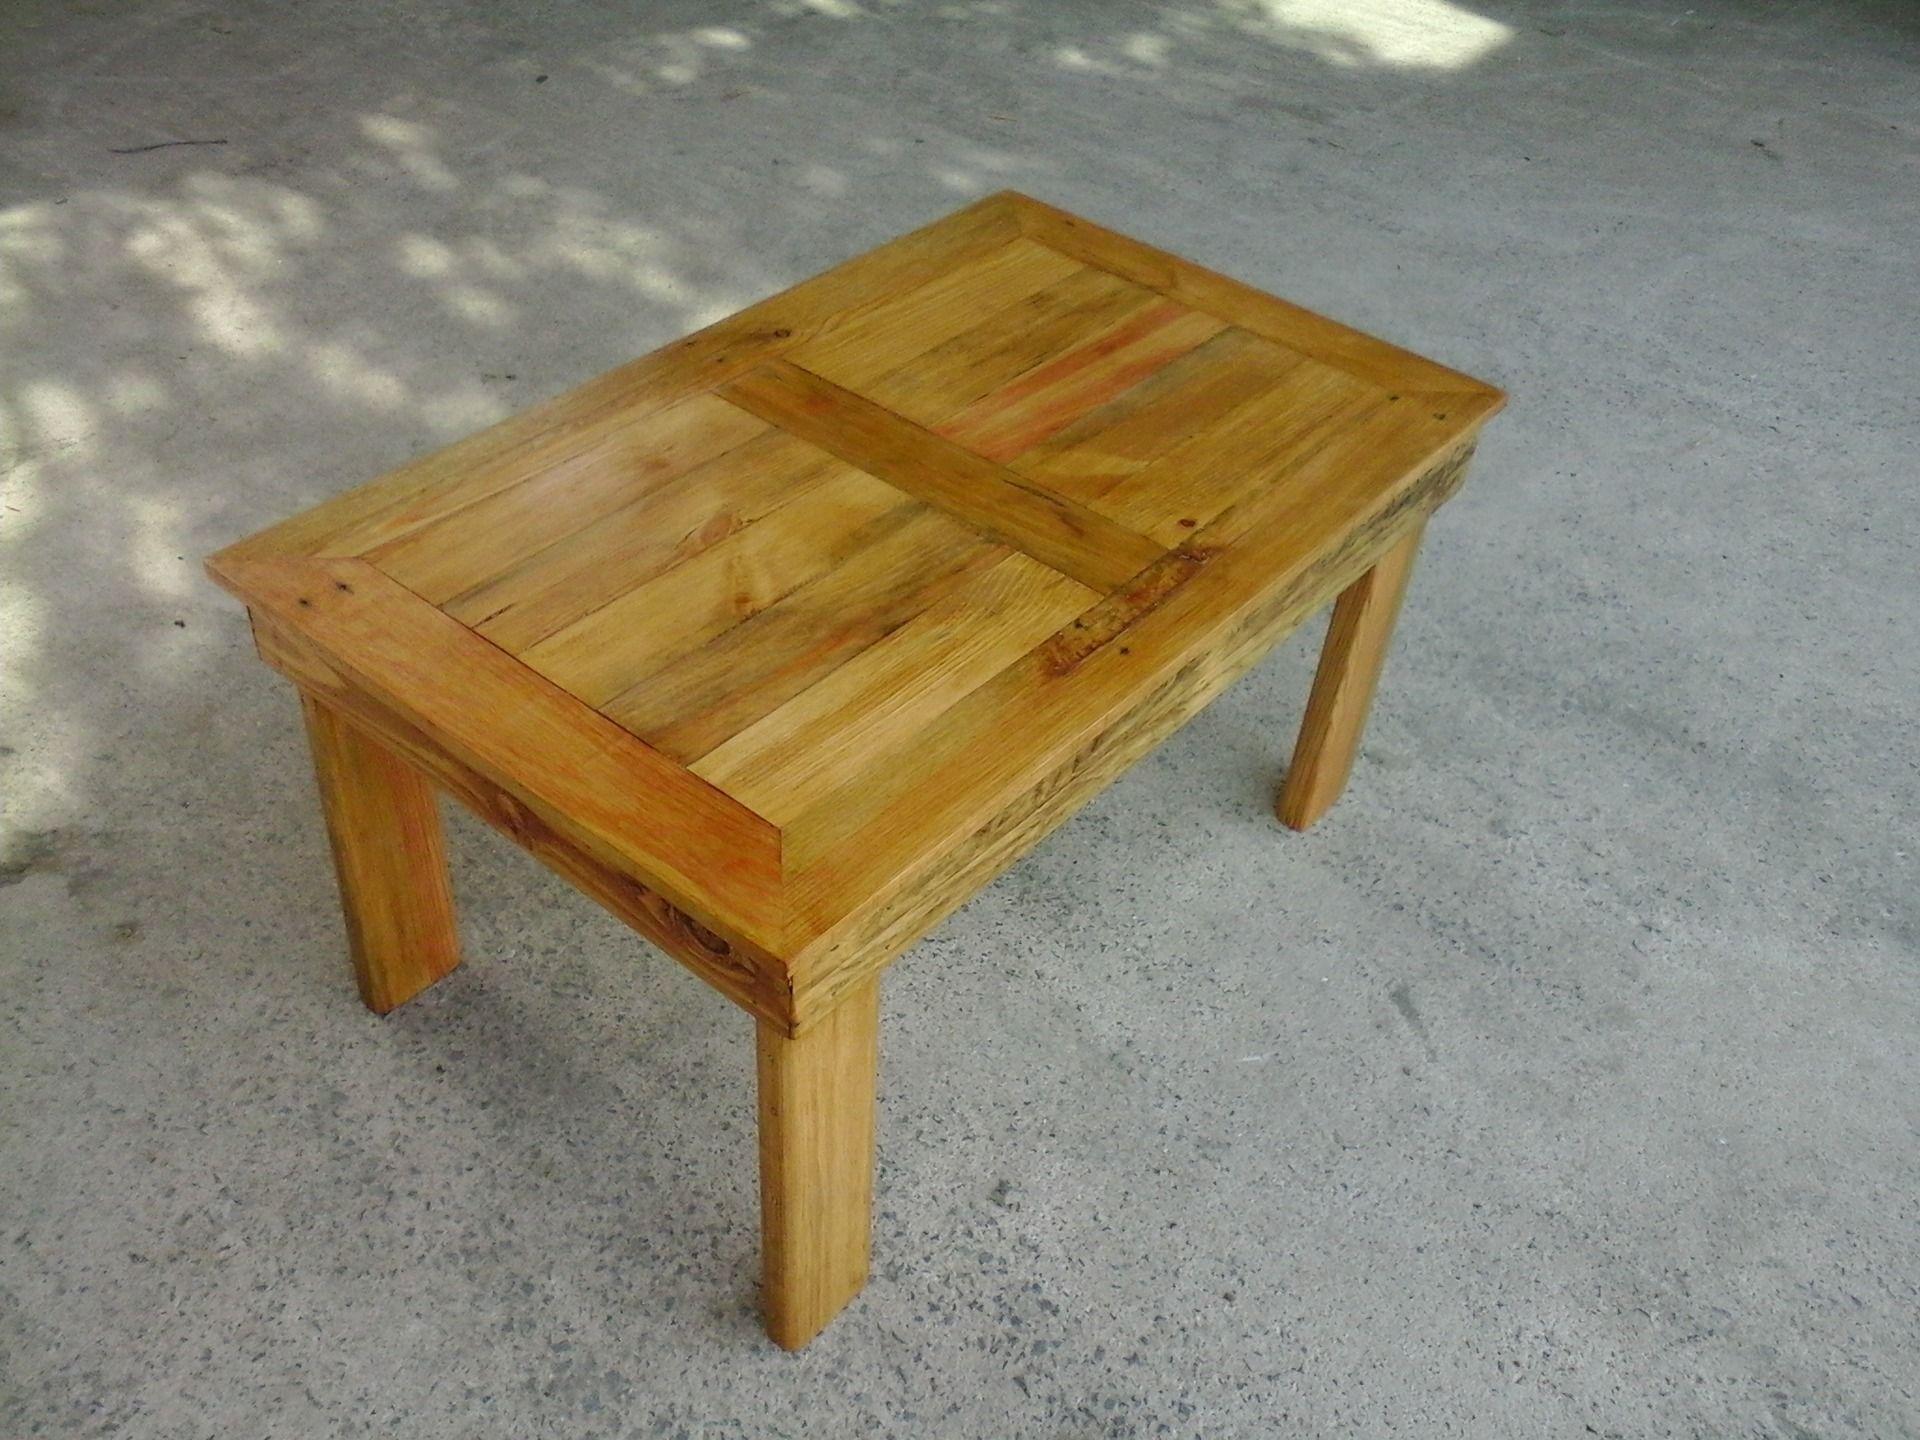 Beau Table En Bois De Palette #7: Table Basse En Bois De Palette Fait Main : Meubles Et Rangements Par  Augustin-fait